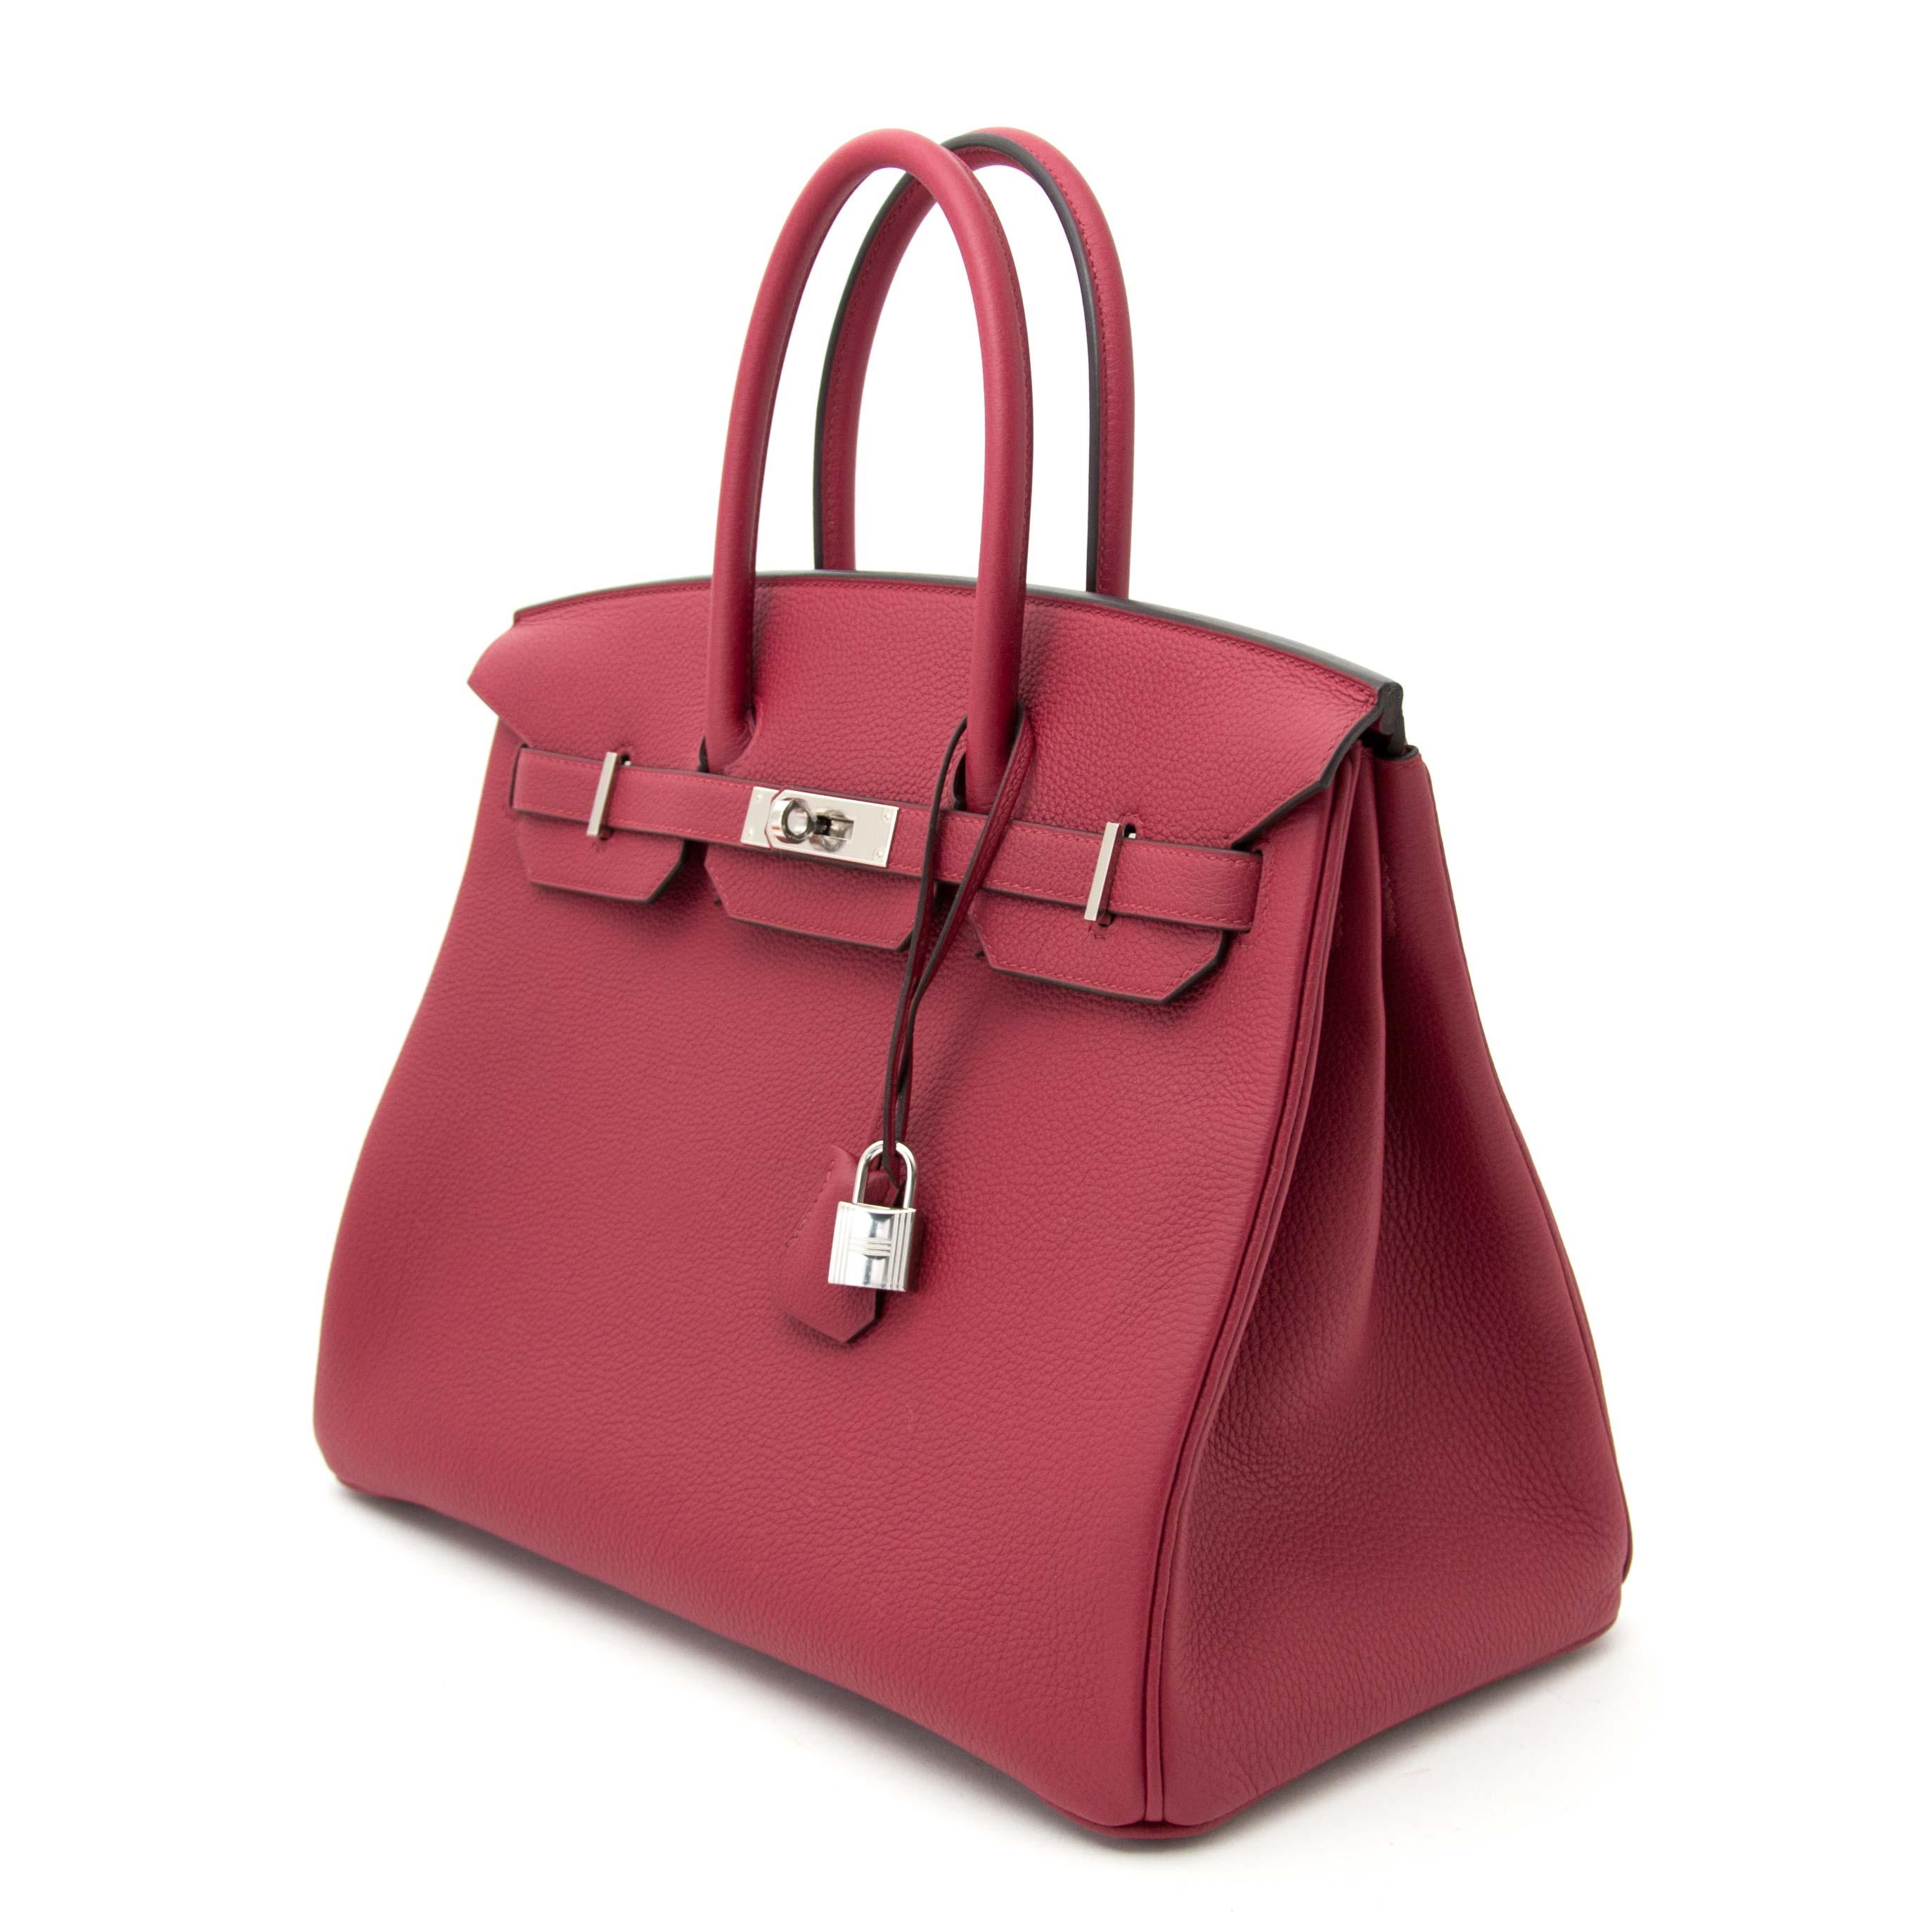 Koop en verkoop uw authentieke Never Used Hermès Birkin 35 Togo Rouge Grenat PHW aan de beste prijs